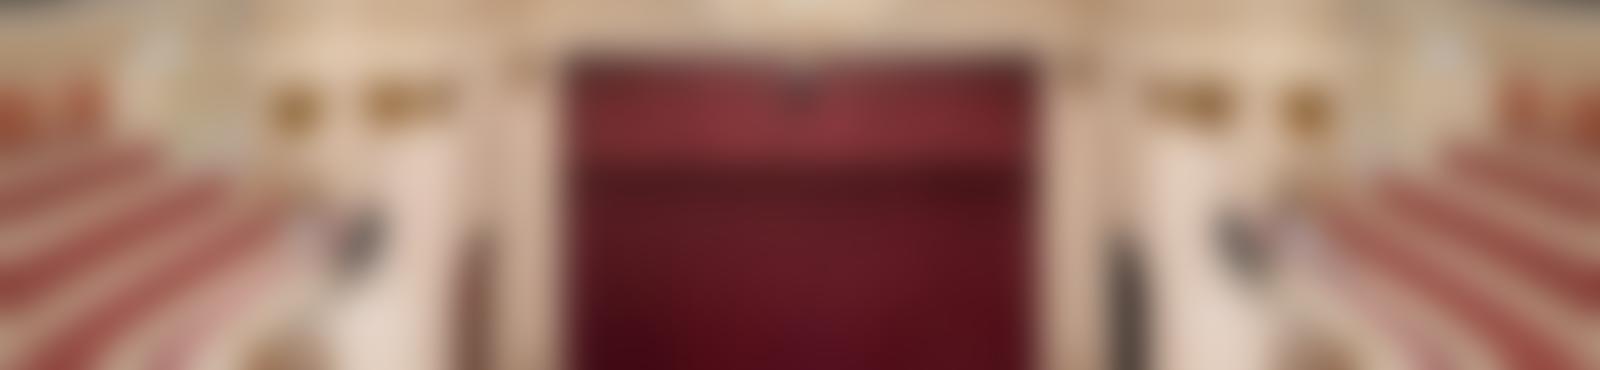 Blurred d8e9fa3a 76e3 45ee aa54 7ac18a67a345